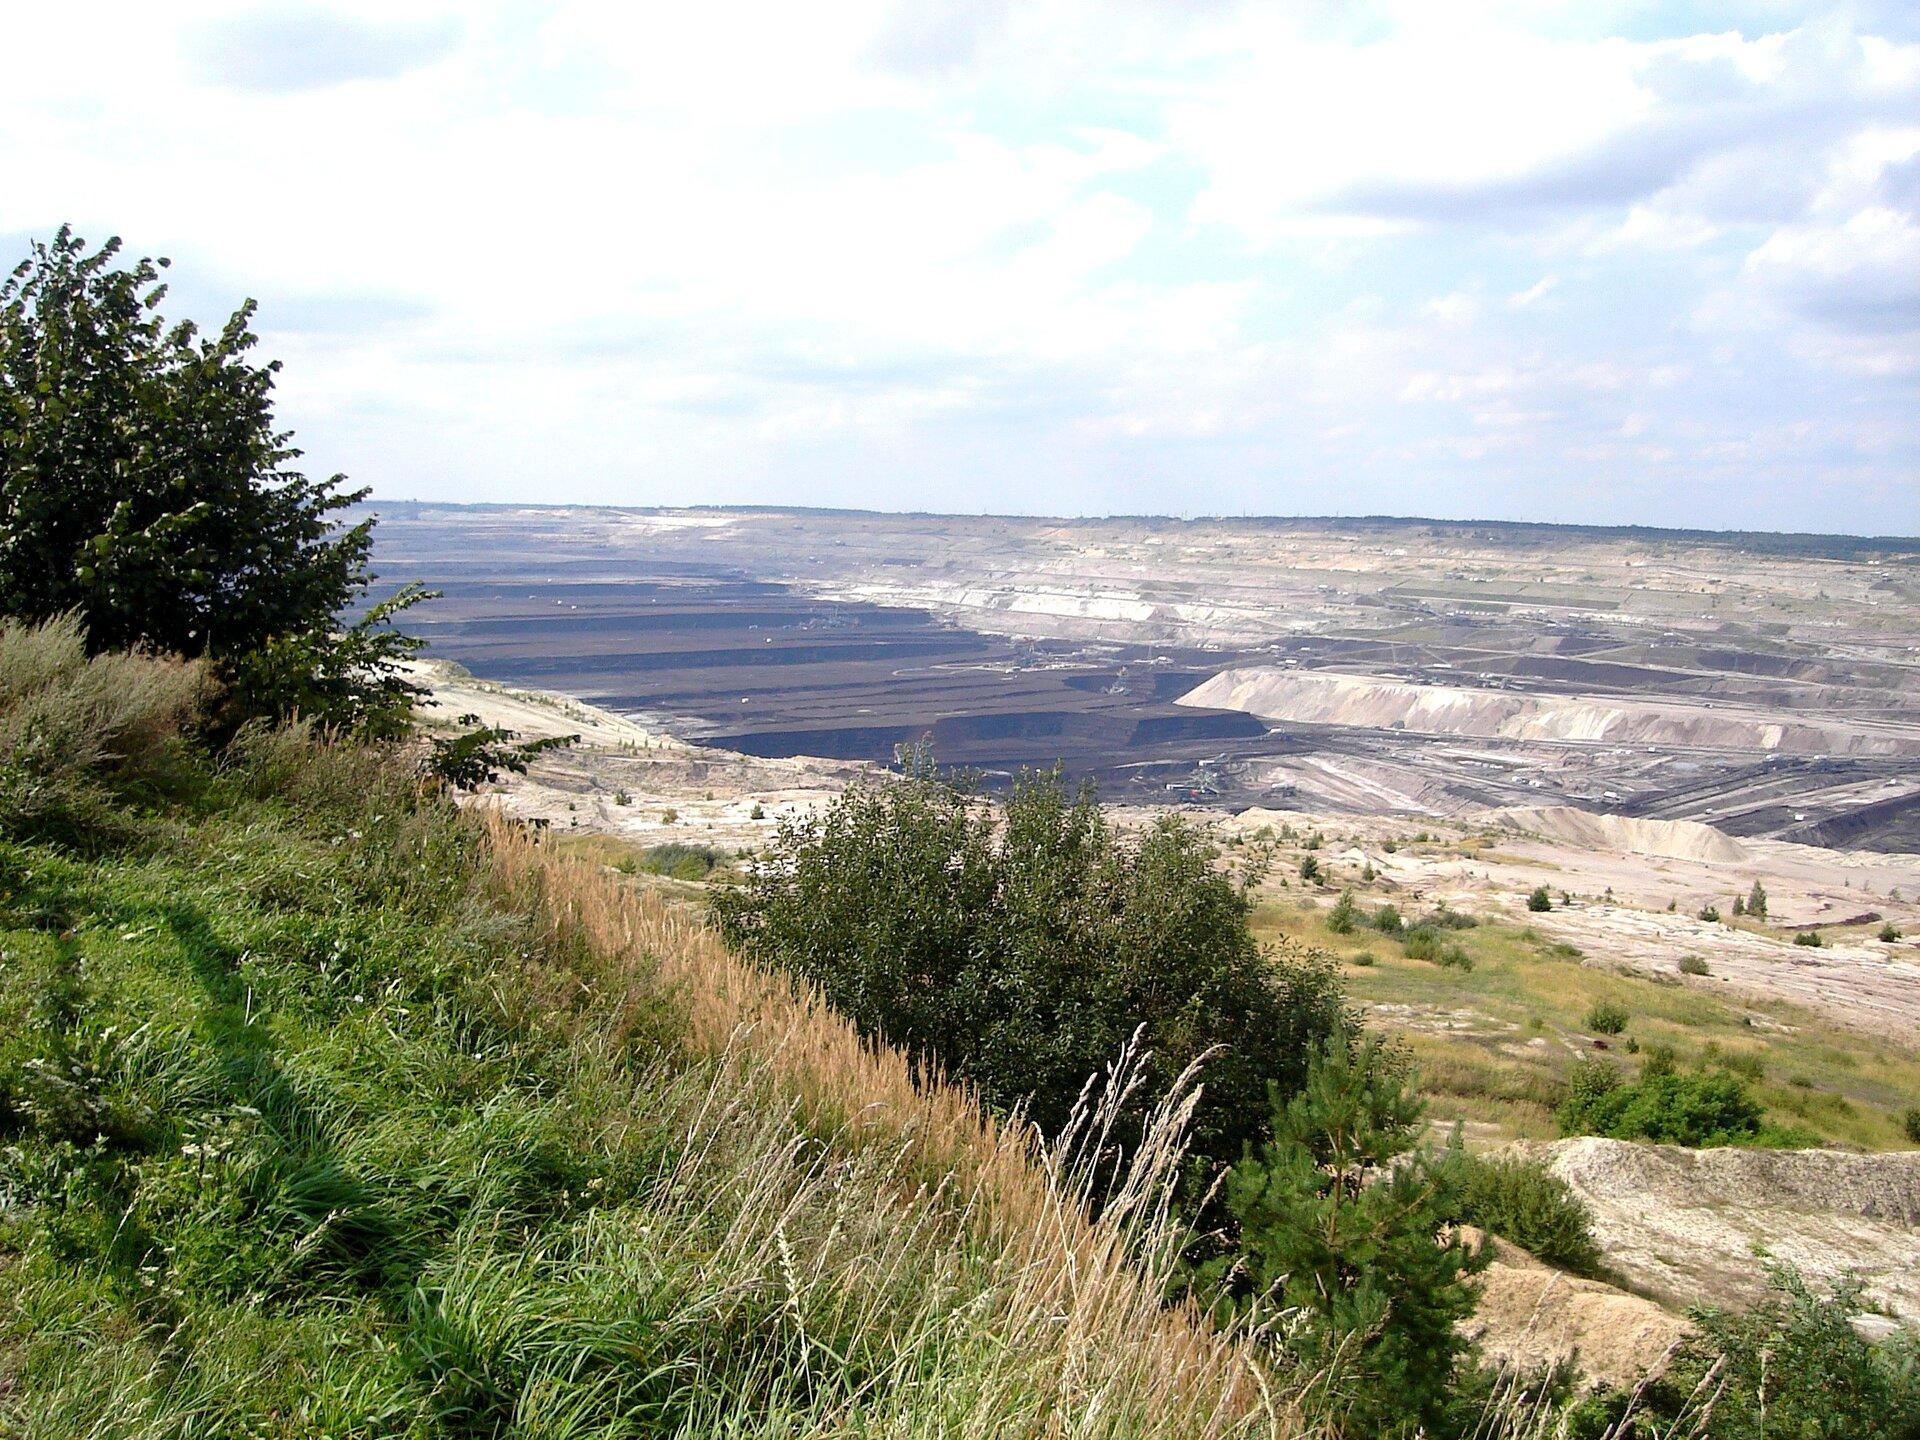 Na zdjęciu rozległe wykopy, ziemia odsłonięta warstwami, na dole odkrywki urządzenia ipojazdy.